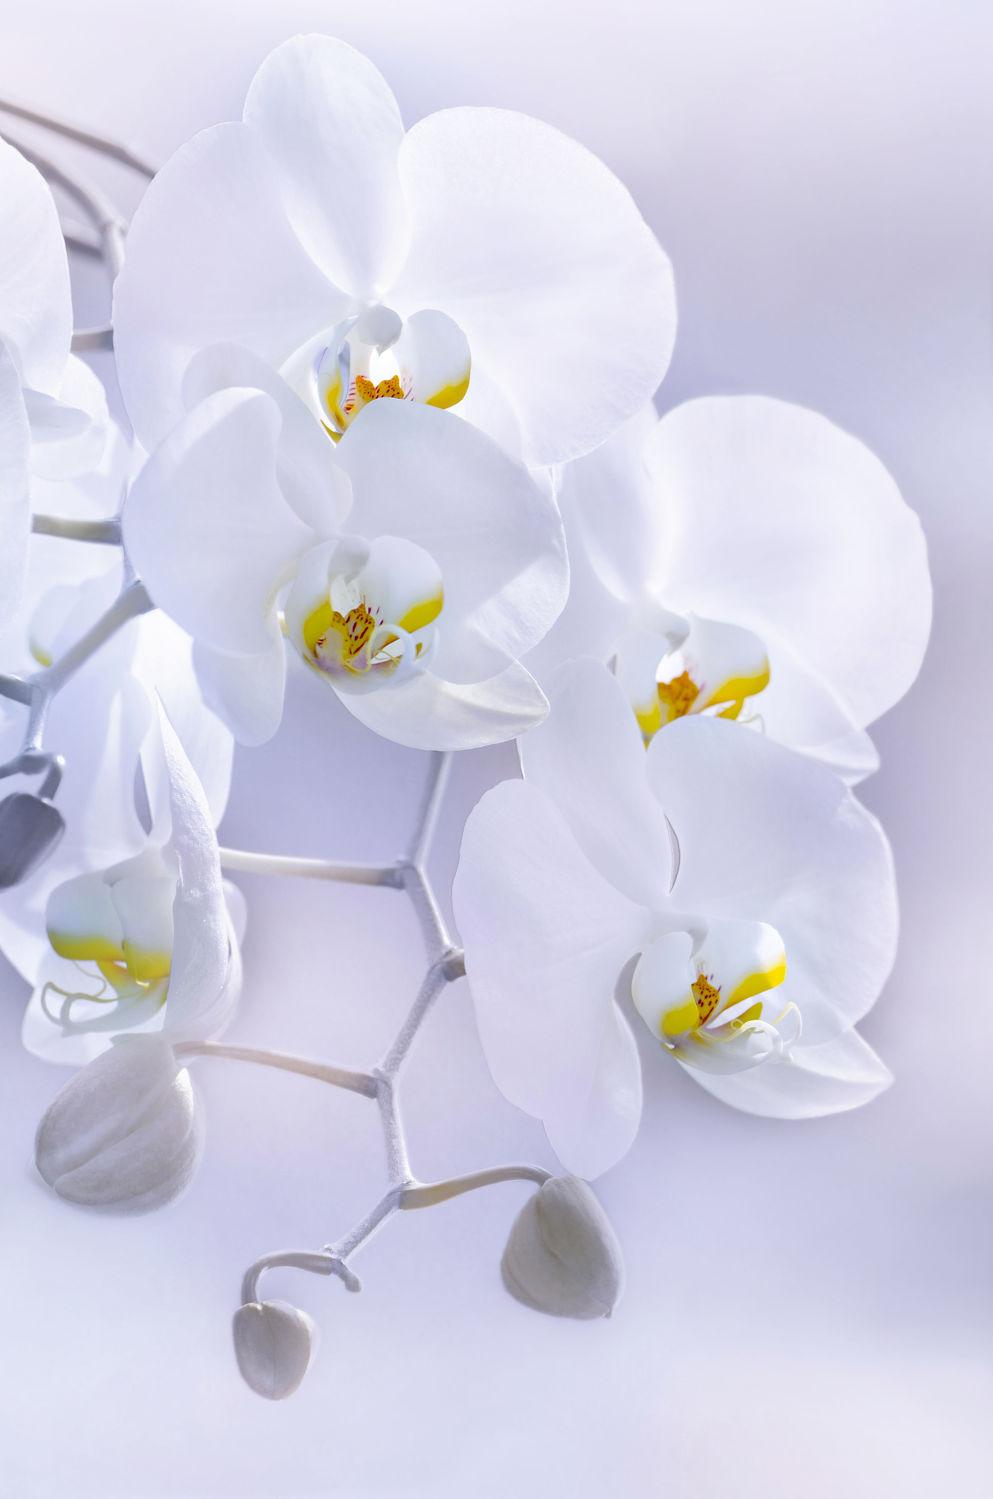 Bild mit Natur, Pflanzen, Blumen, Orchideen, Blume, Orchidee, Pflanze, Makro, Blüten, blüte, orchideenblüte, orchideenblüten